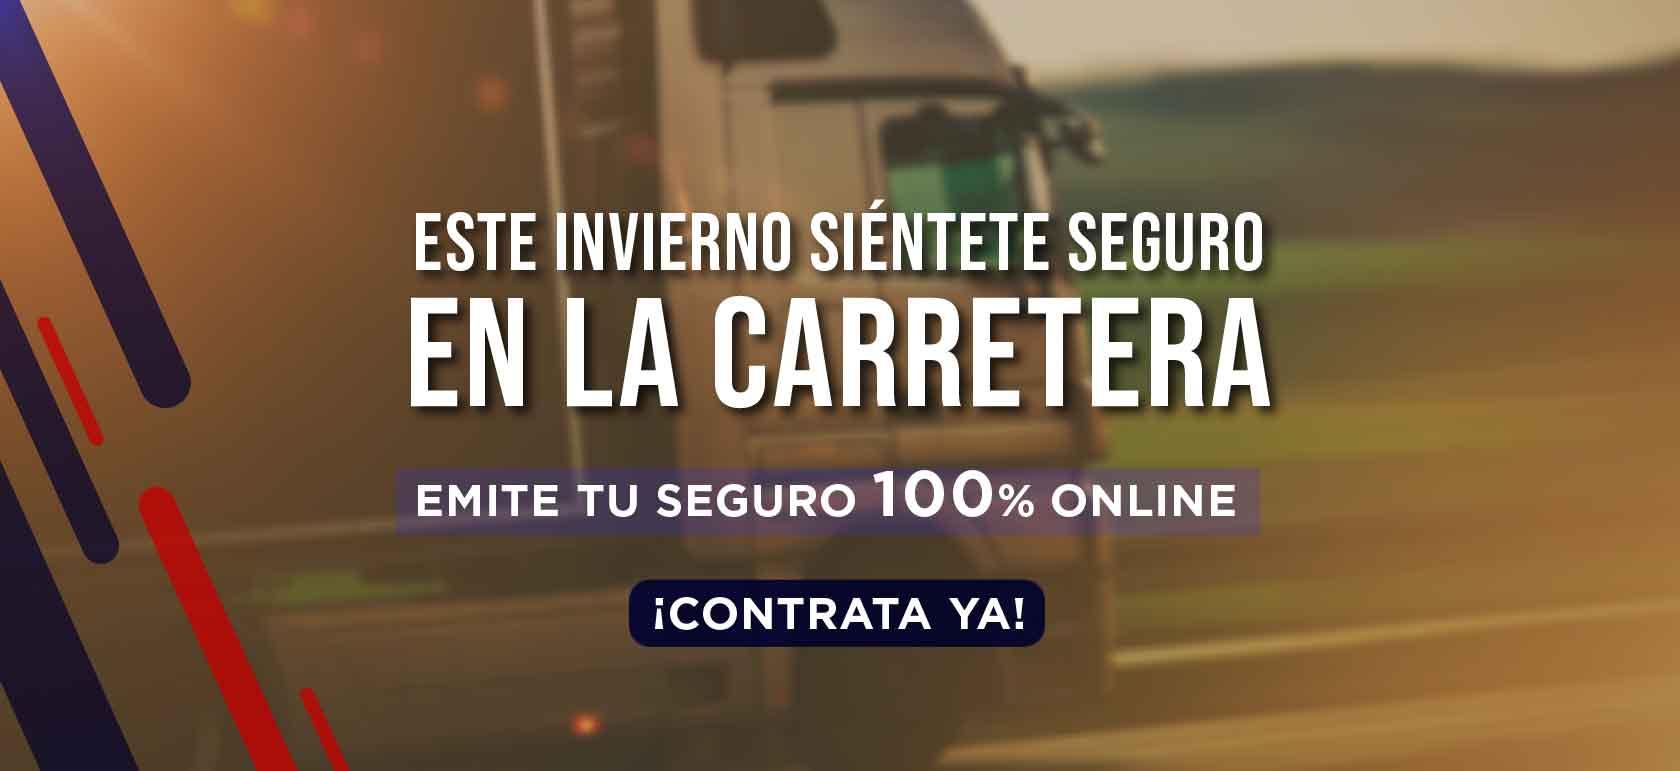 Camión-Directo-Banner_Promo